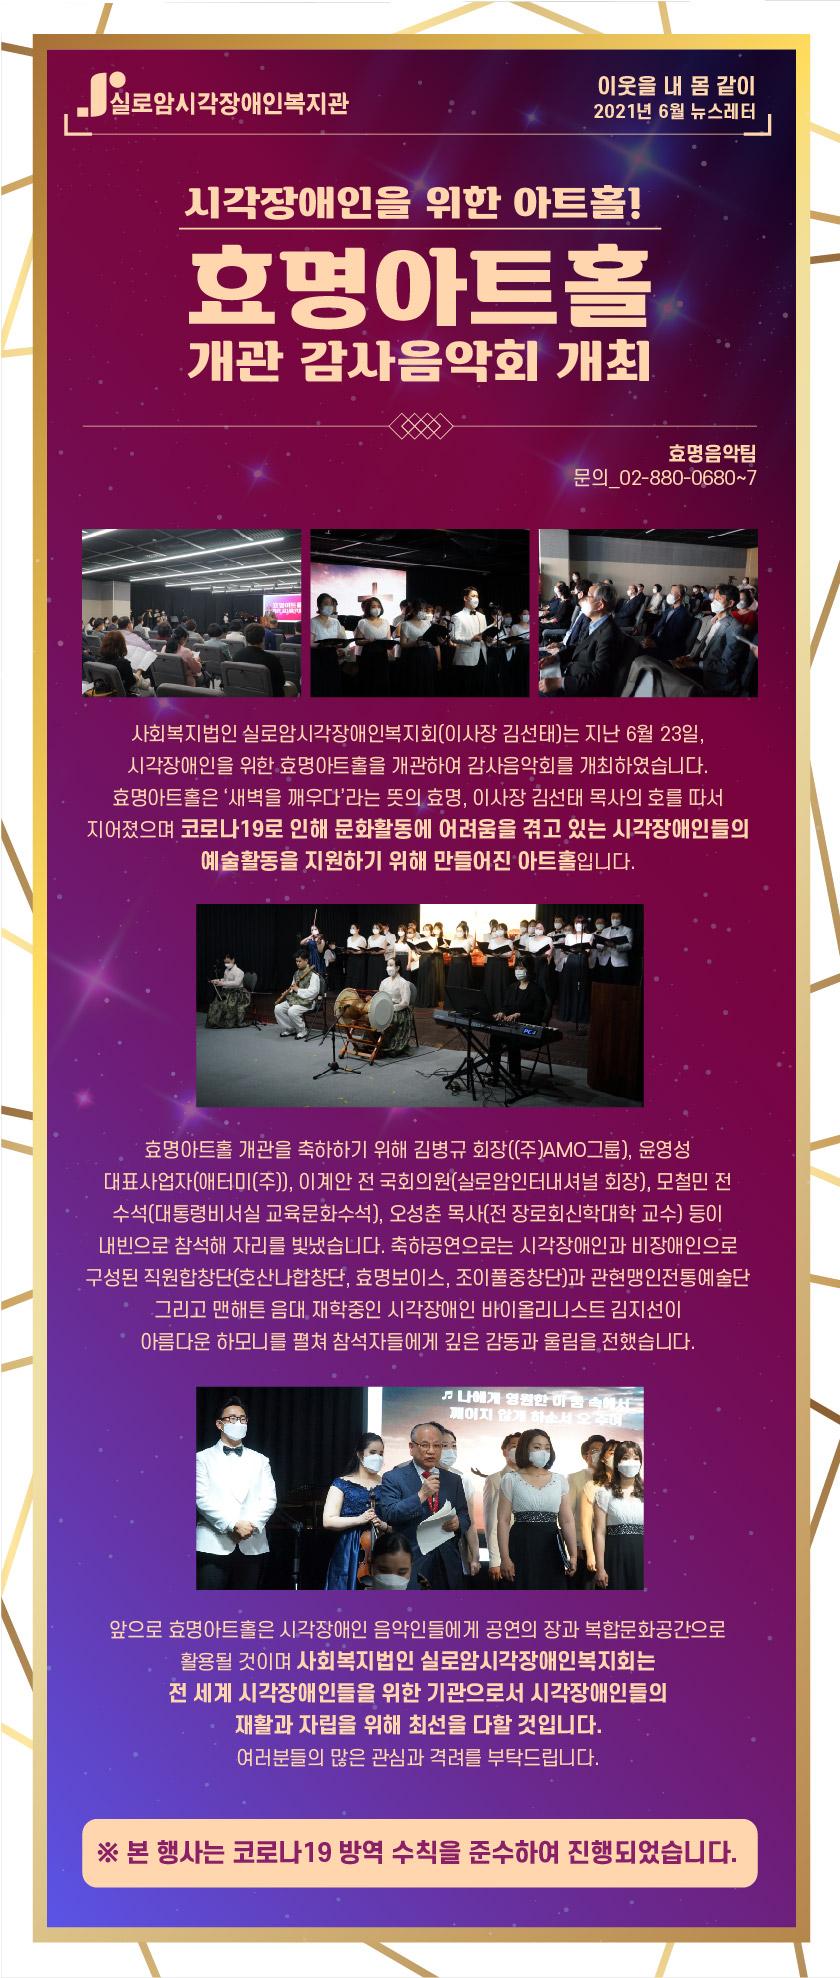 효명아트홀 개관 감사음악회 개최 썸네일